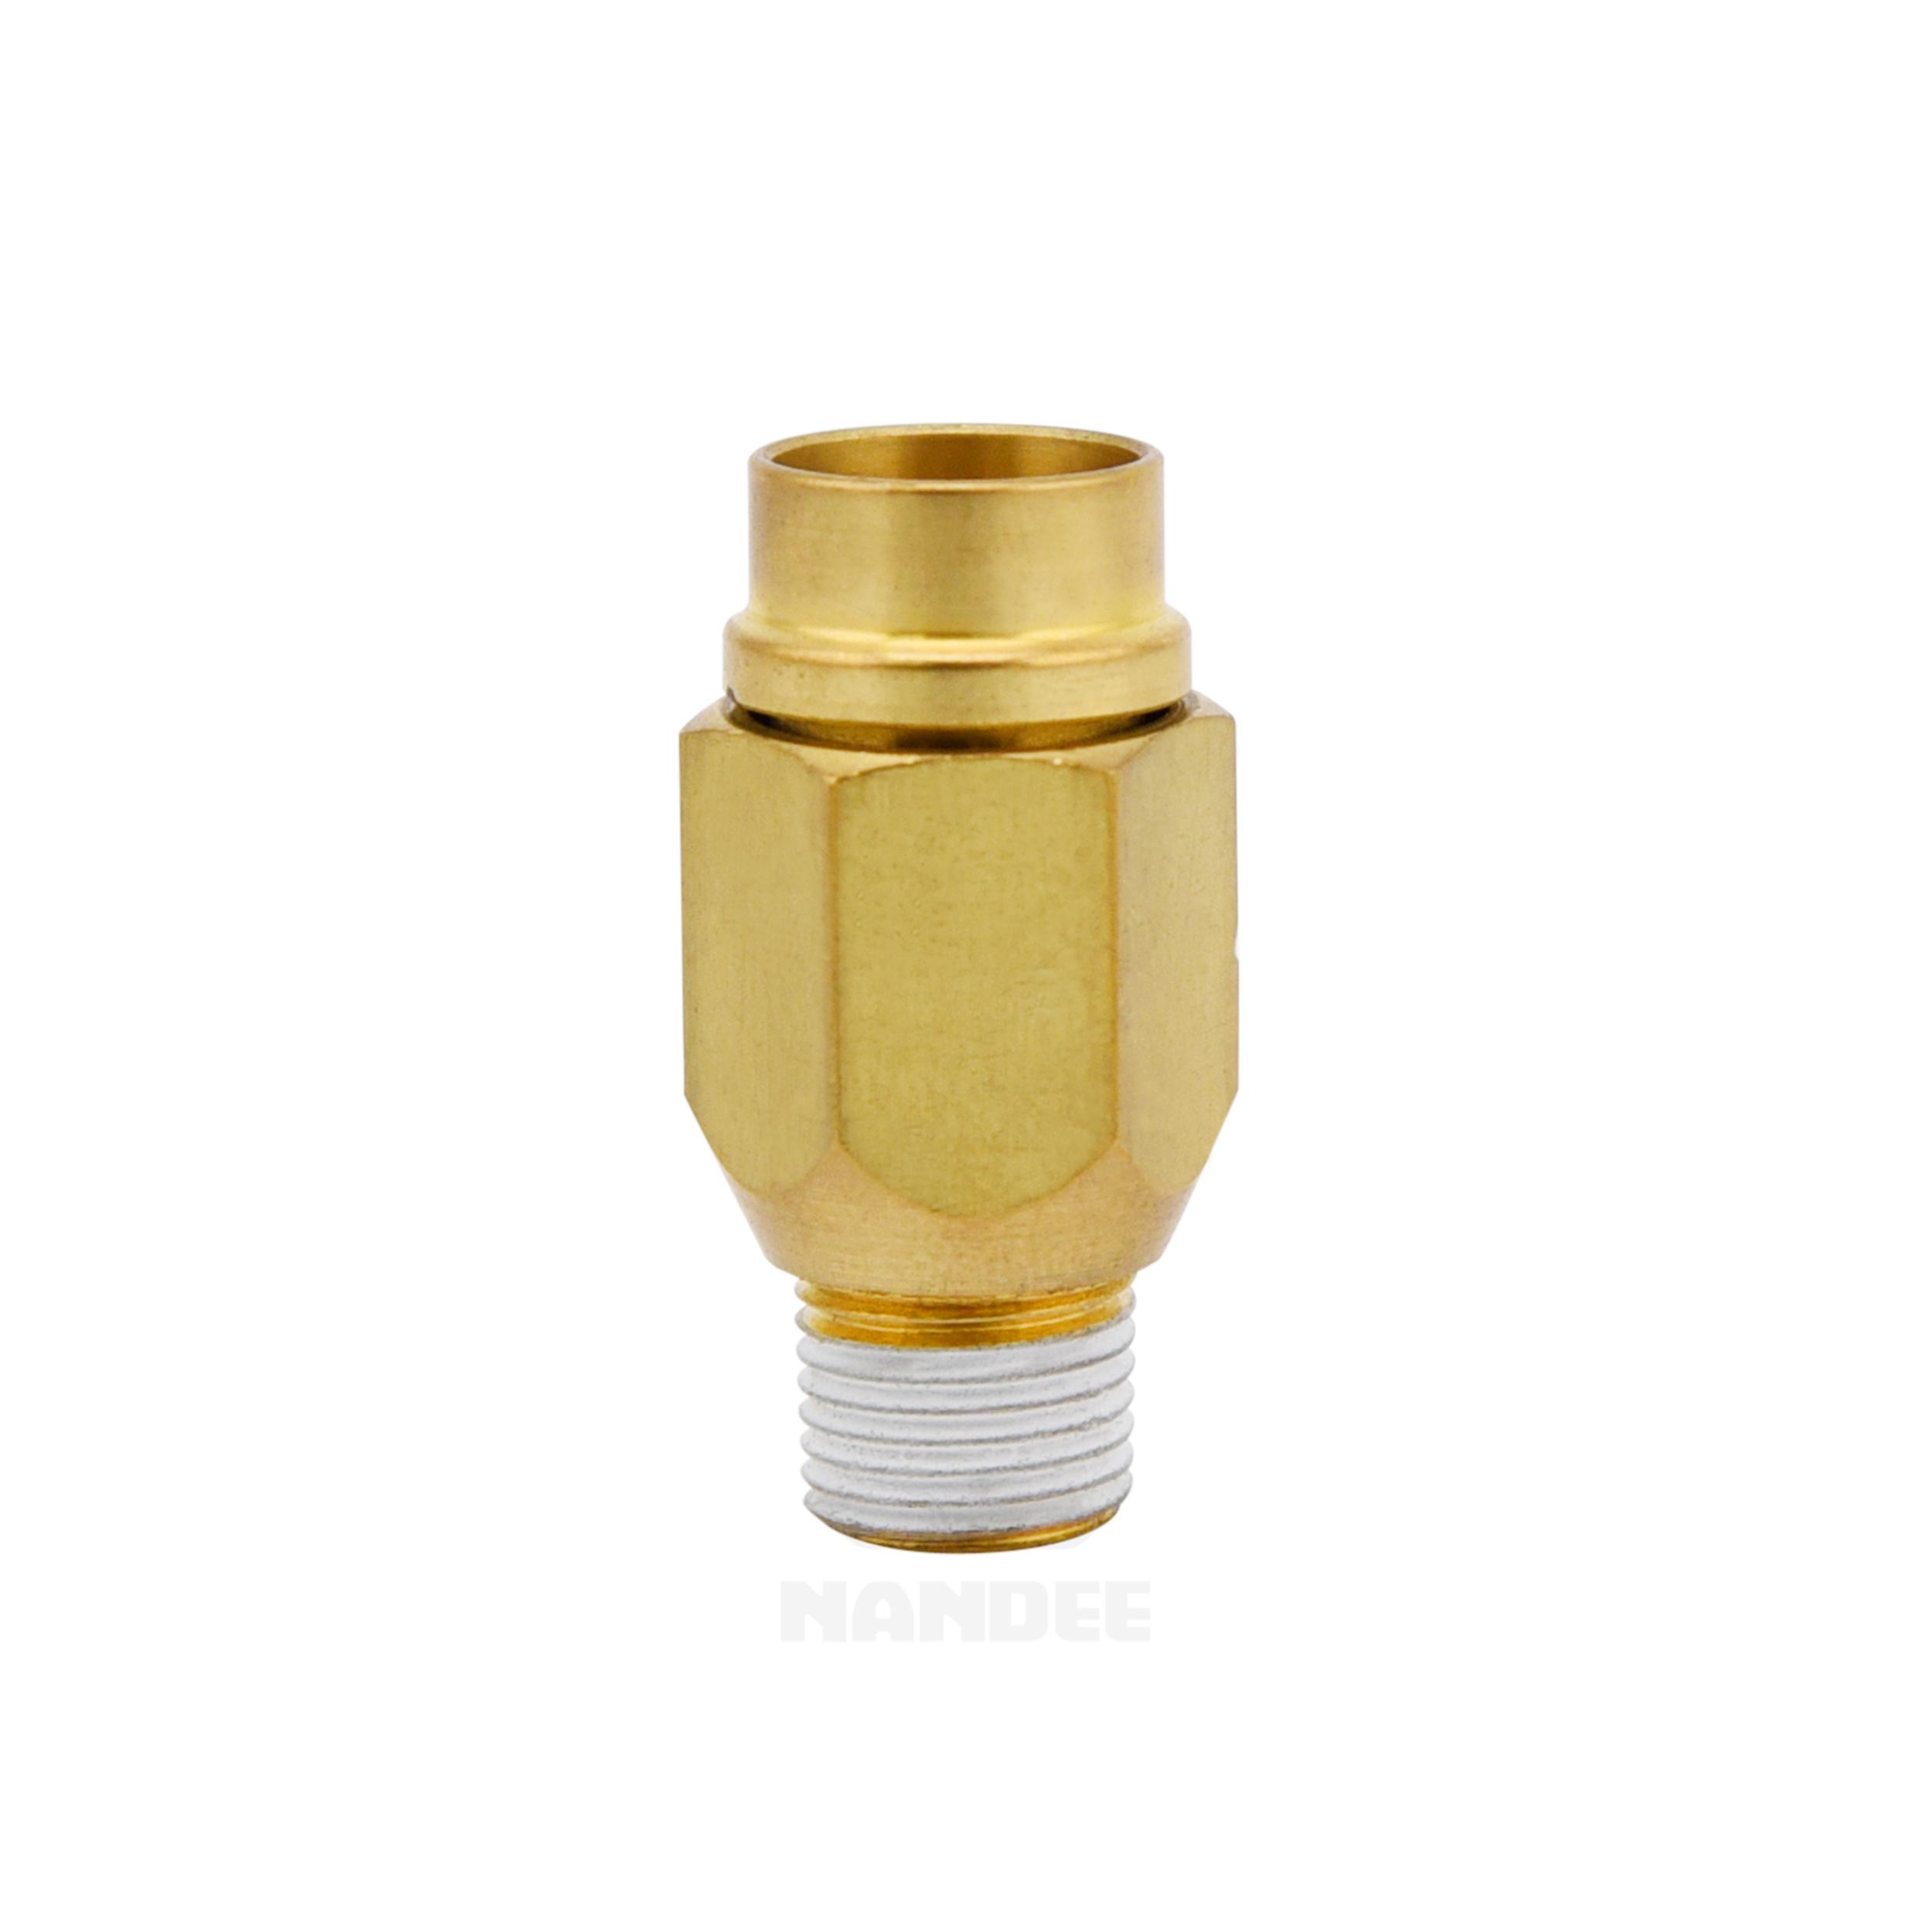 ข้อต่อฟิตติ้งทองเหลือง (C-ring+Cover) Touch connector fuji h type